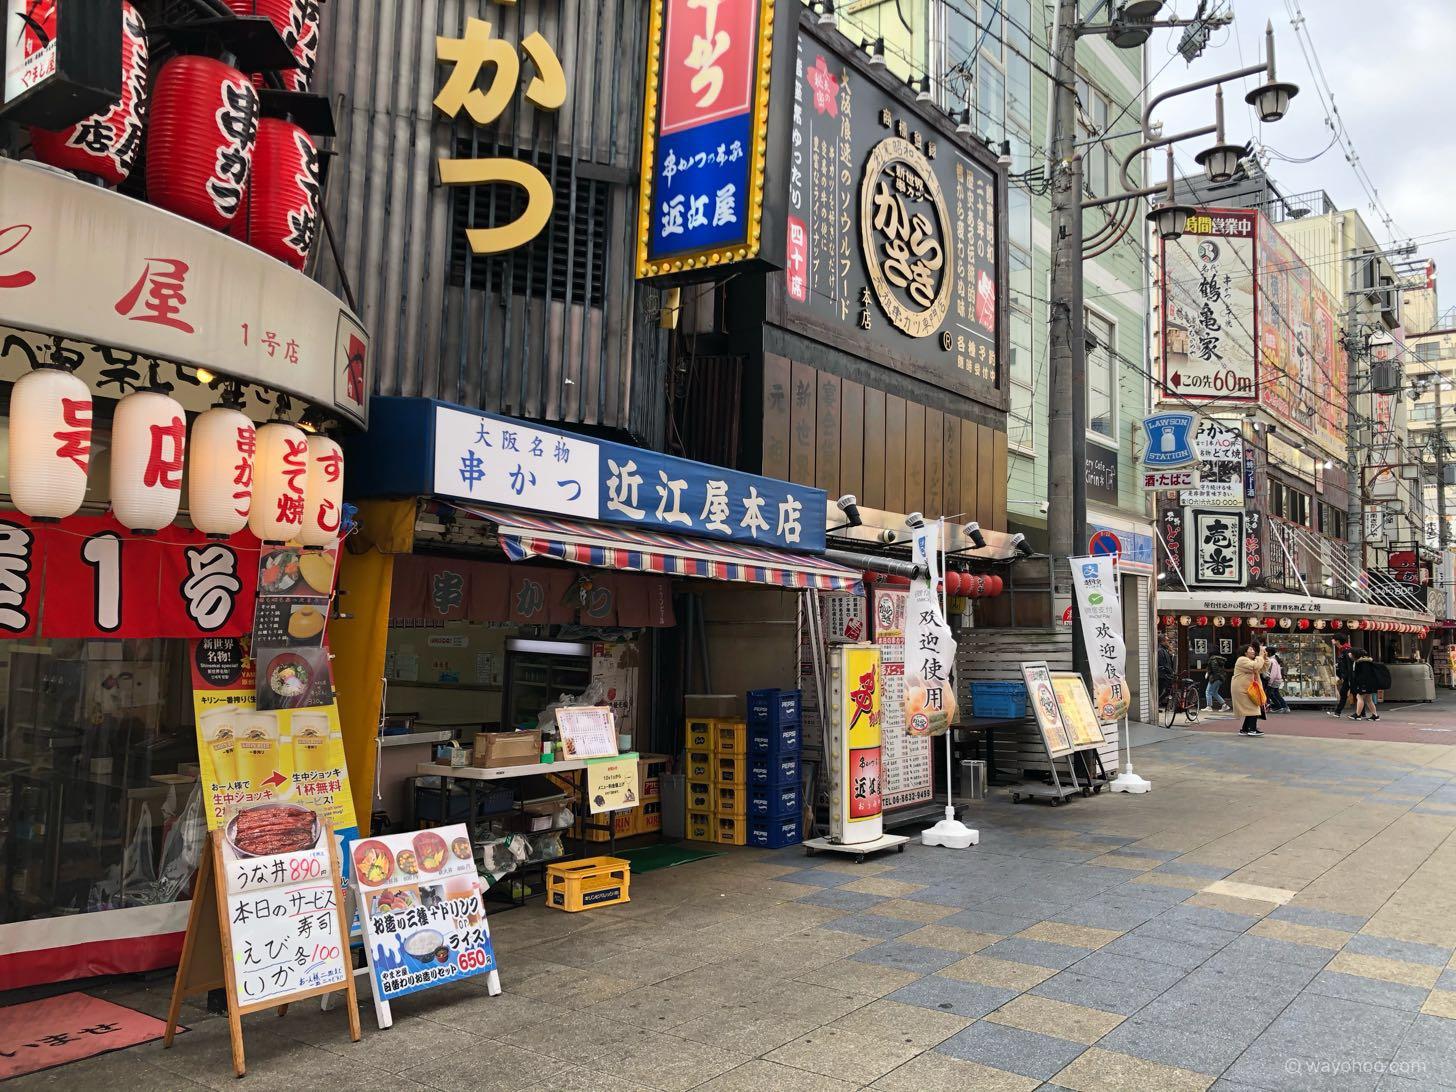 大阪・新世界の串カツ屋さん「近江屋本店」